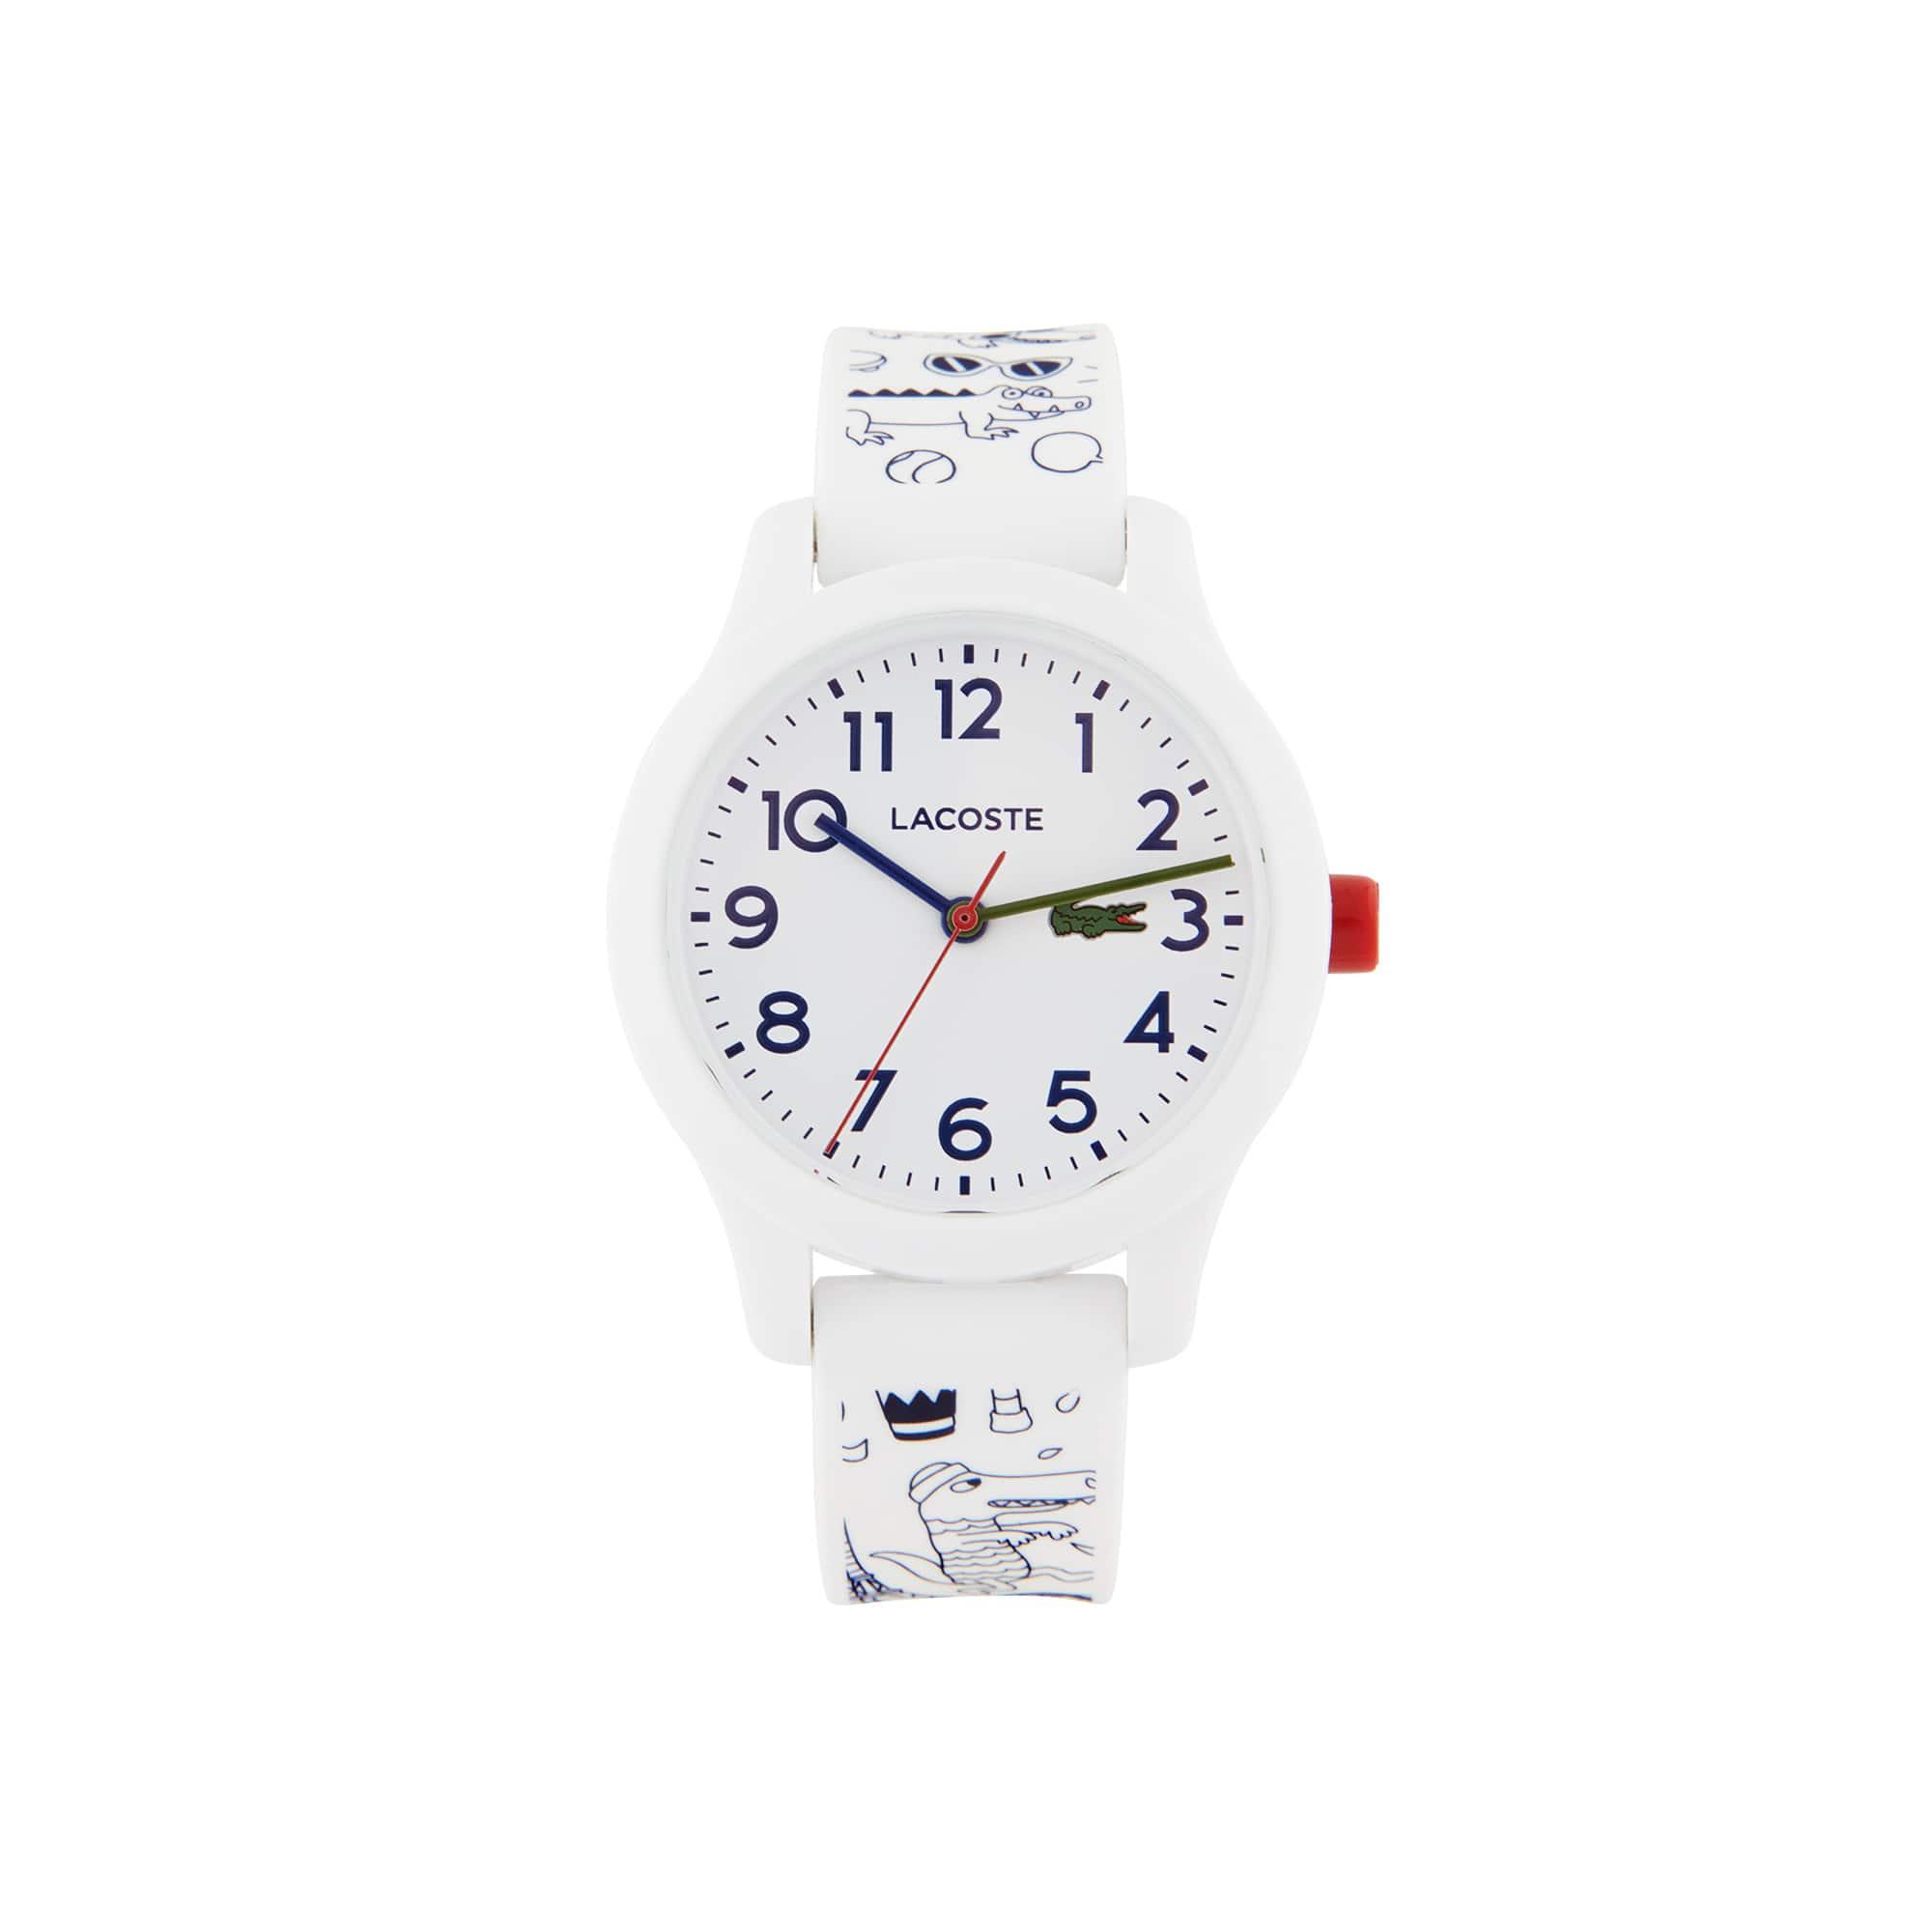 Relógio Lacoste 12.12 Ediçao Limitada Criança com Bracelete em Silicone Branco